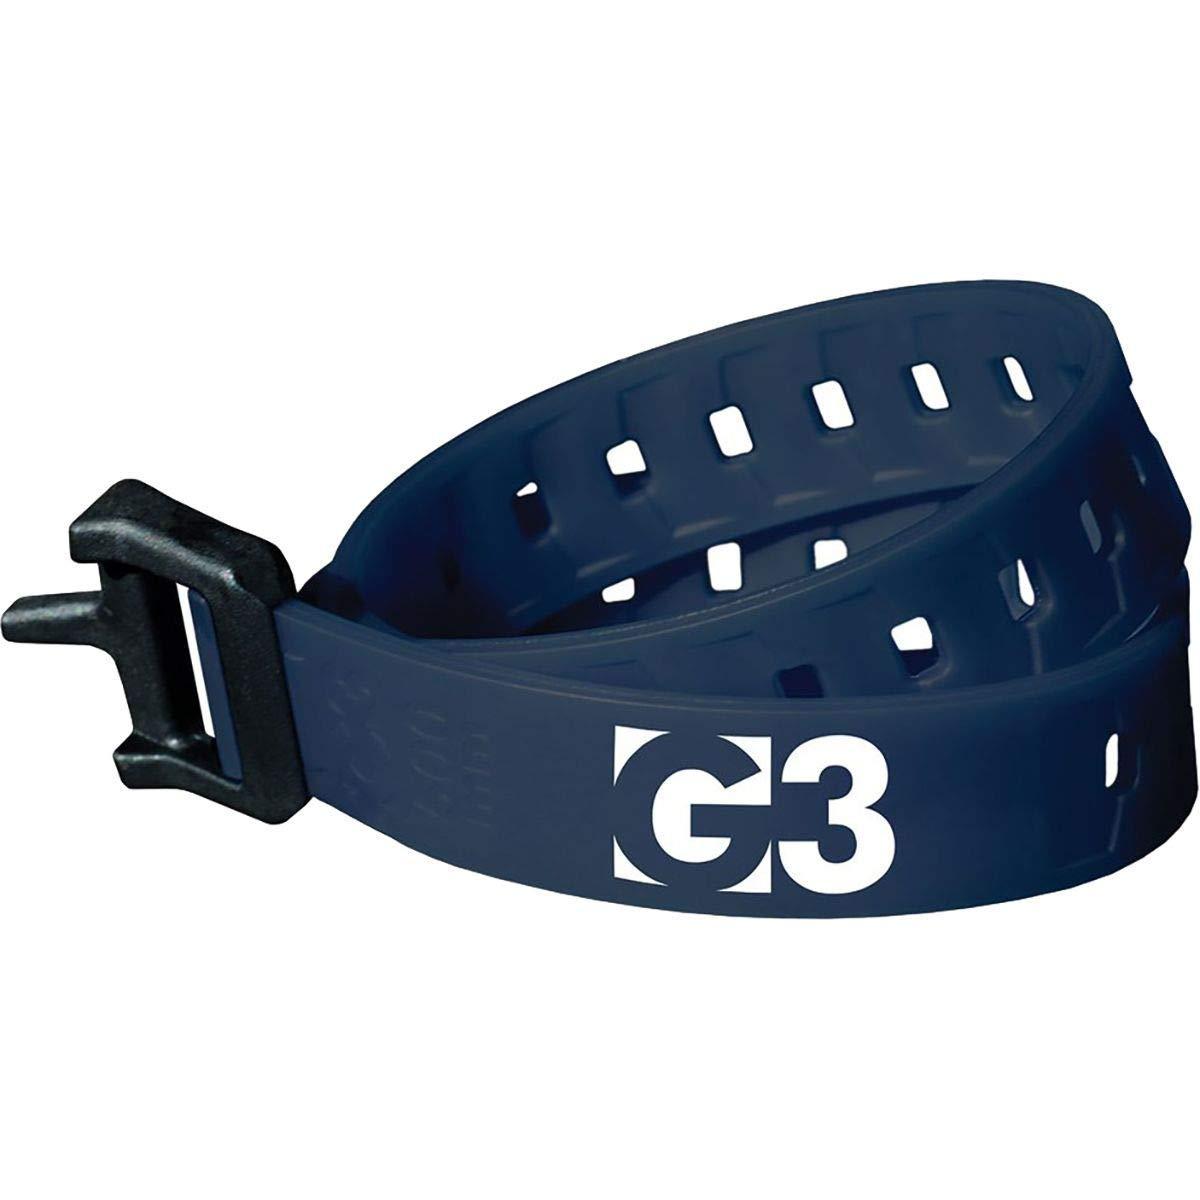 G3.strap.400mm blue.jpg